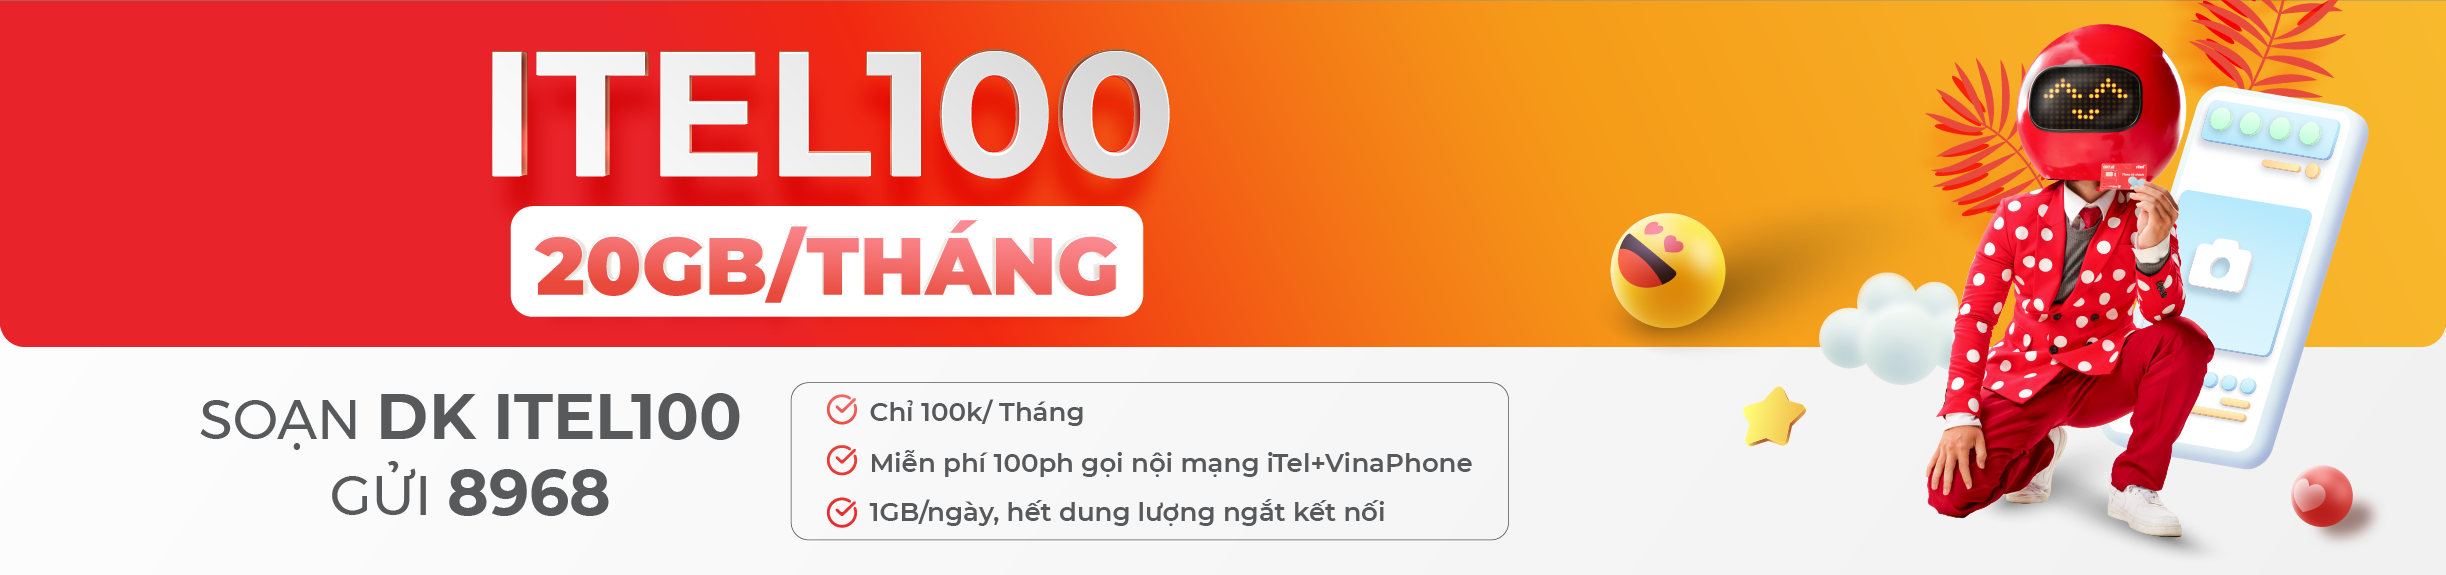 ITEL100